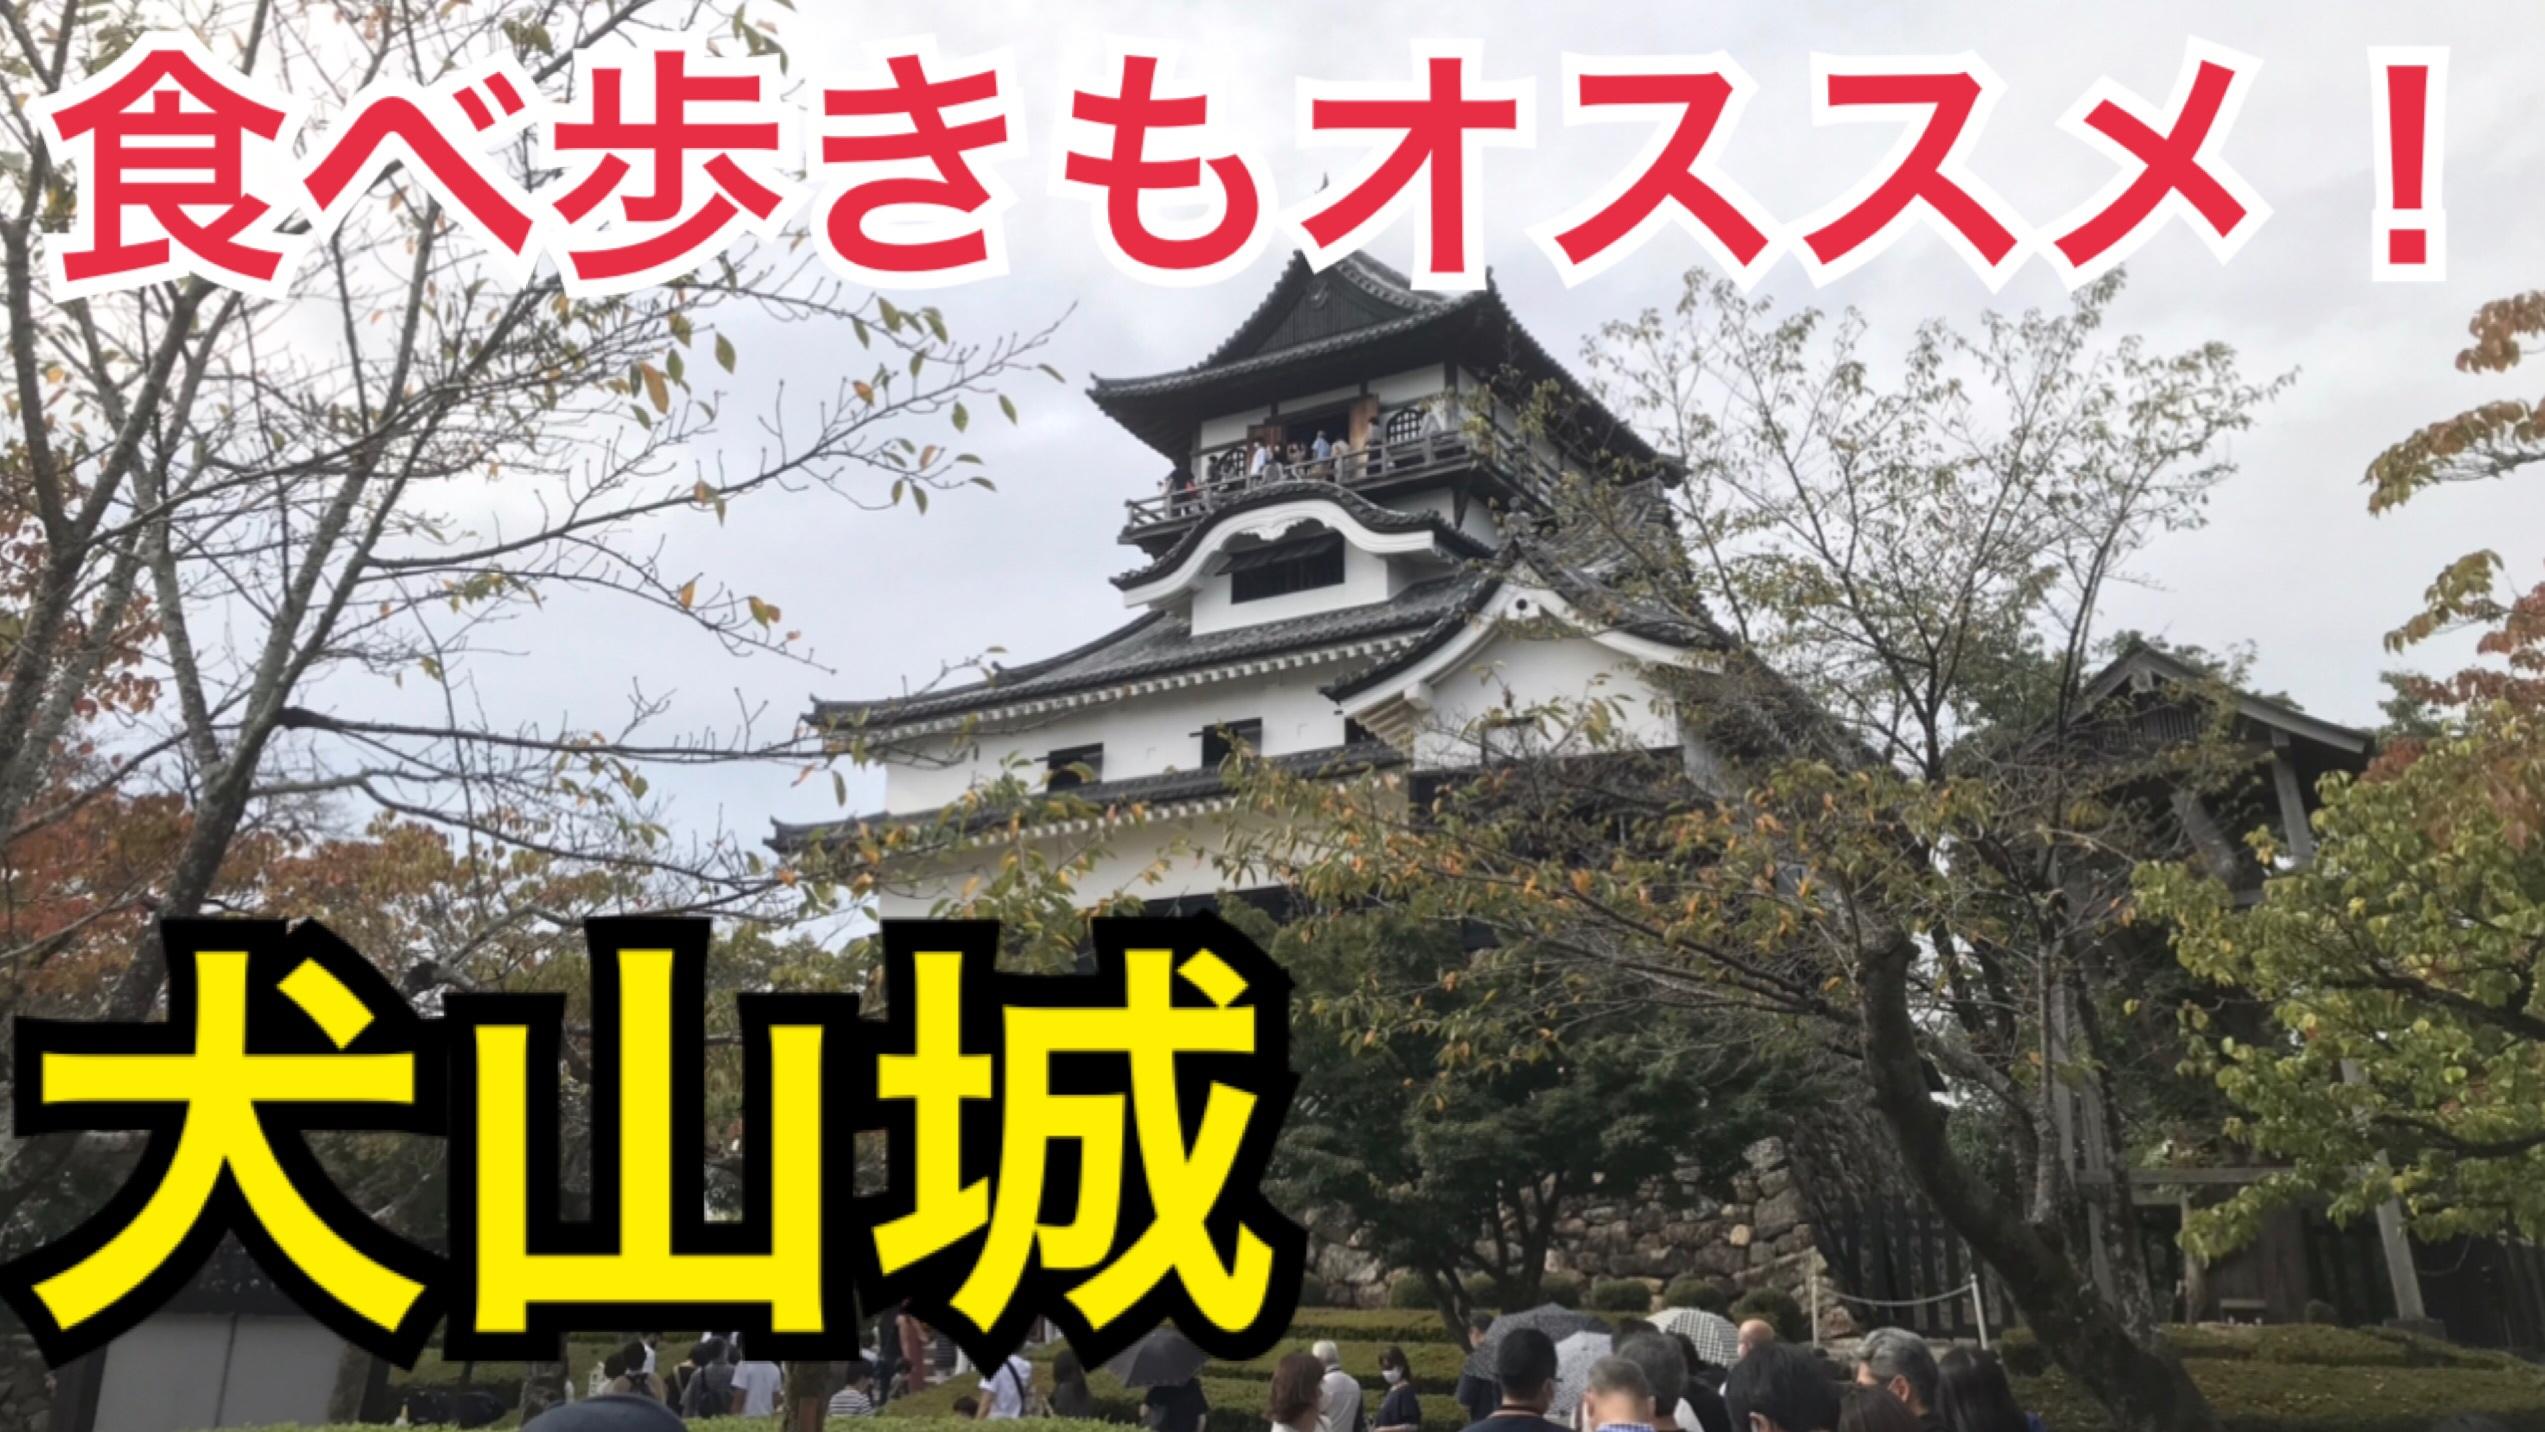 名古屋からも近い!犬山城に現存天守を見に行こう!食べ歩きもオススメ!【伊勢・名古屋の旅】